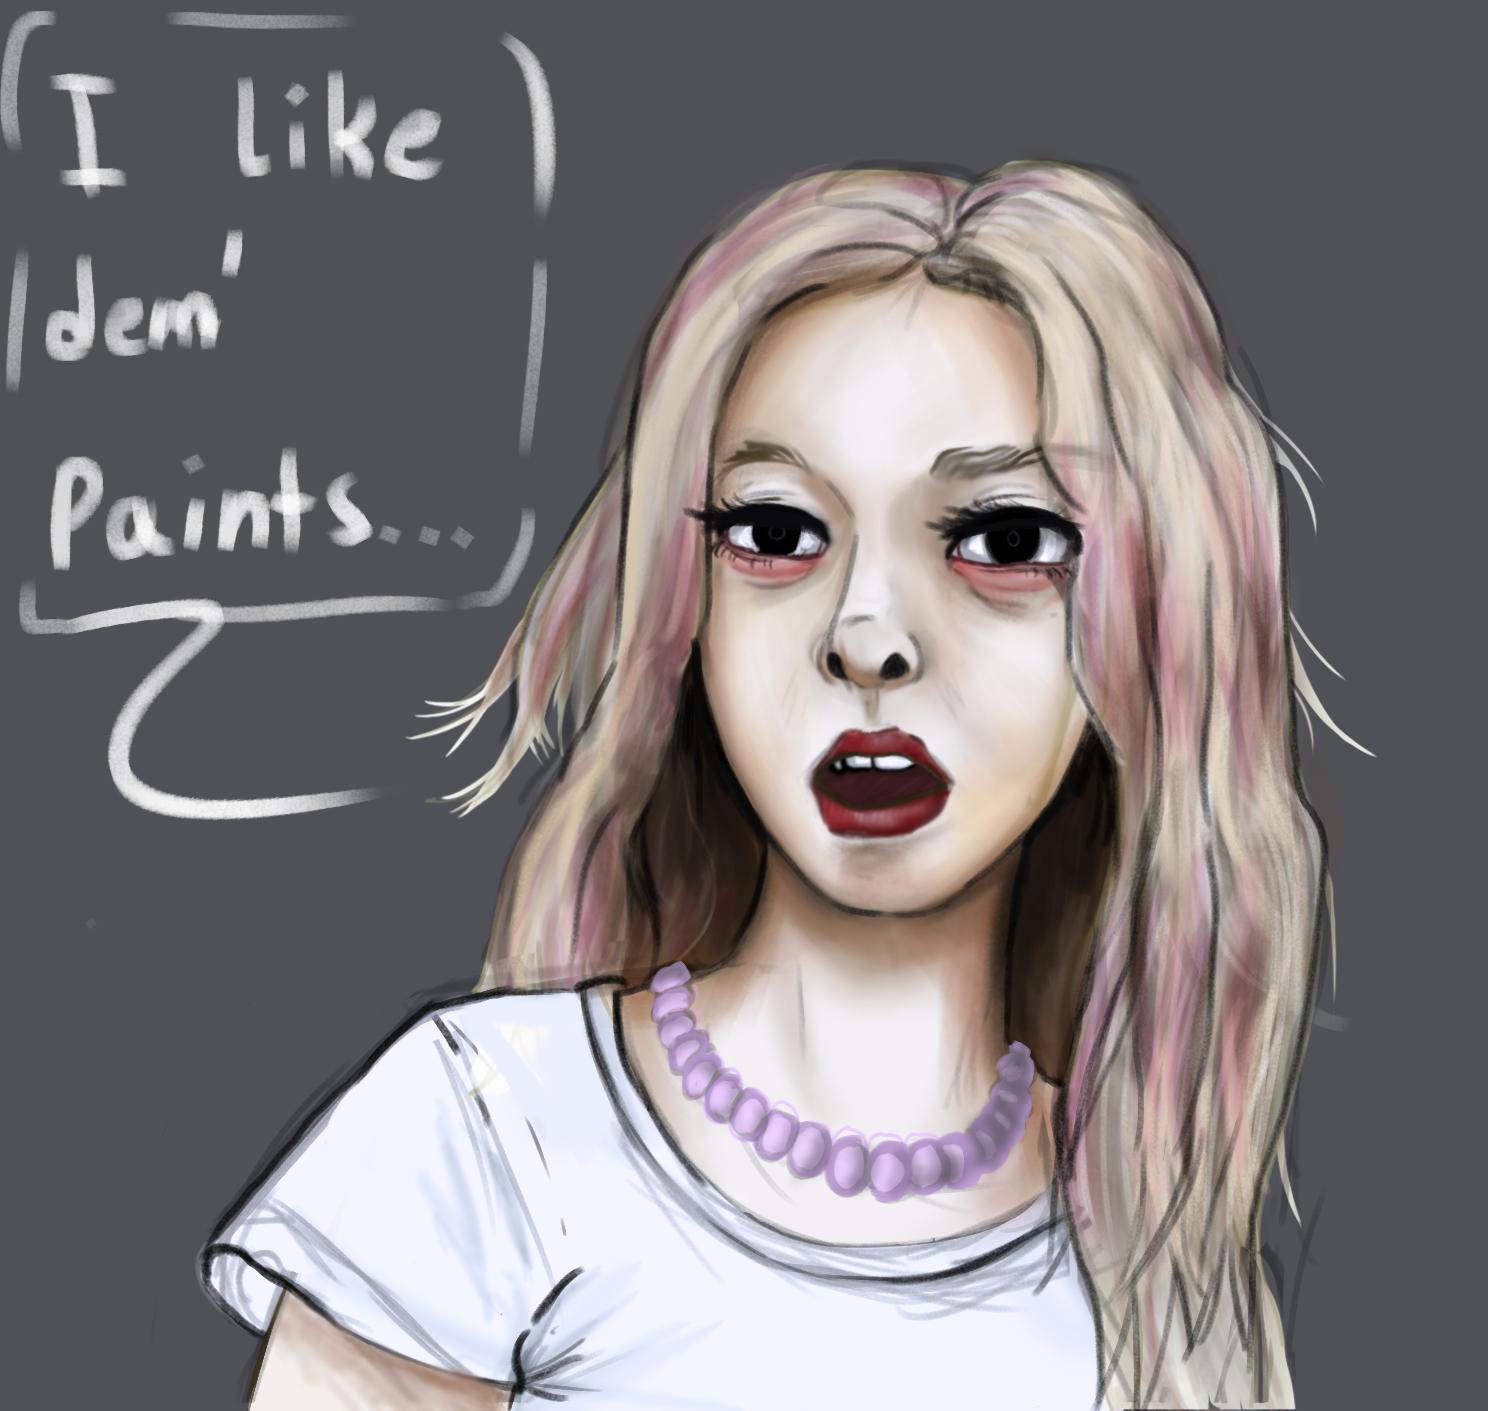 Dem Paints